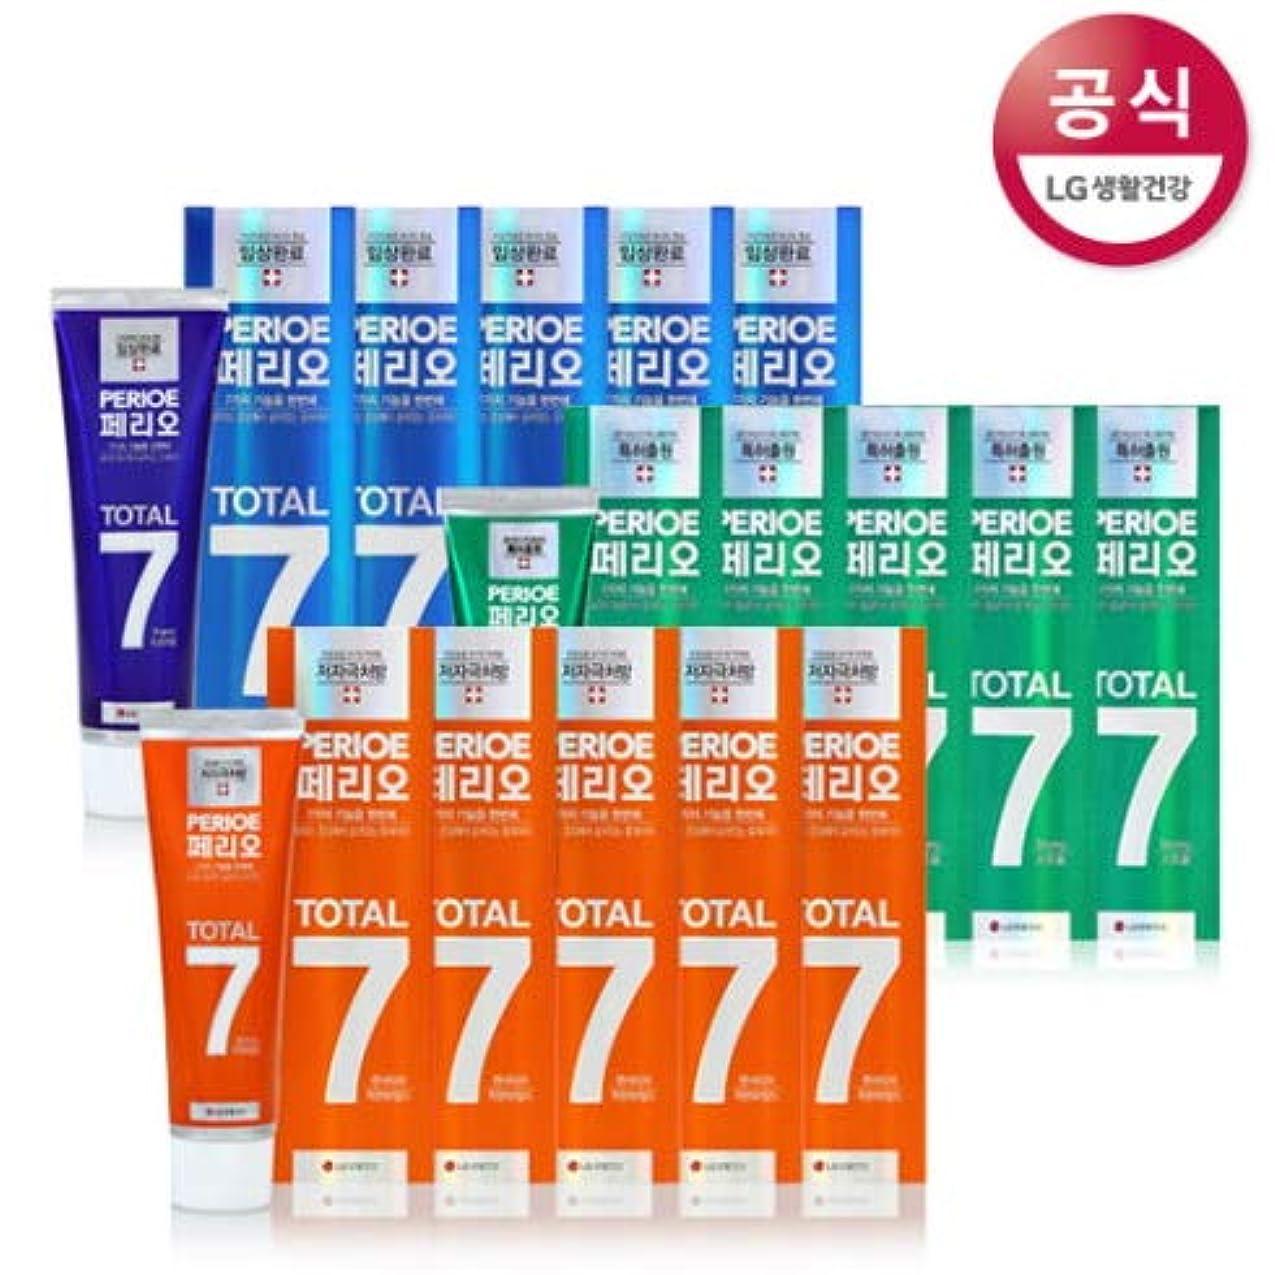 禁輸トランスミッション印刷する[LG HnB] Perio Total 7 toothpaste /ペリオトータル7歯磨き粉 120gx18個(海外直送品)